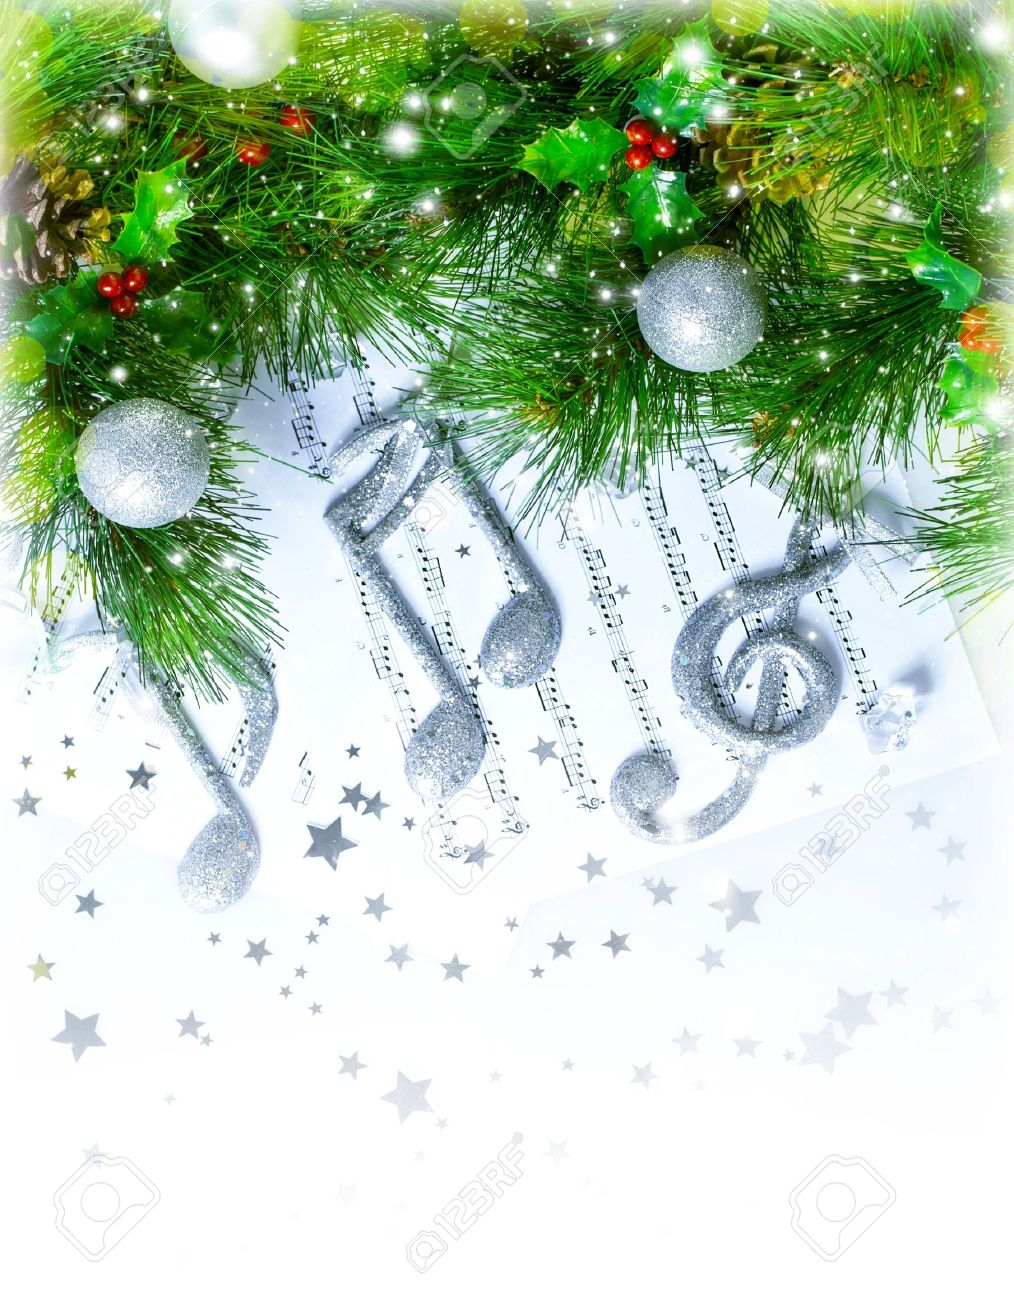 Музыка для новогоднего поздравления